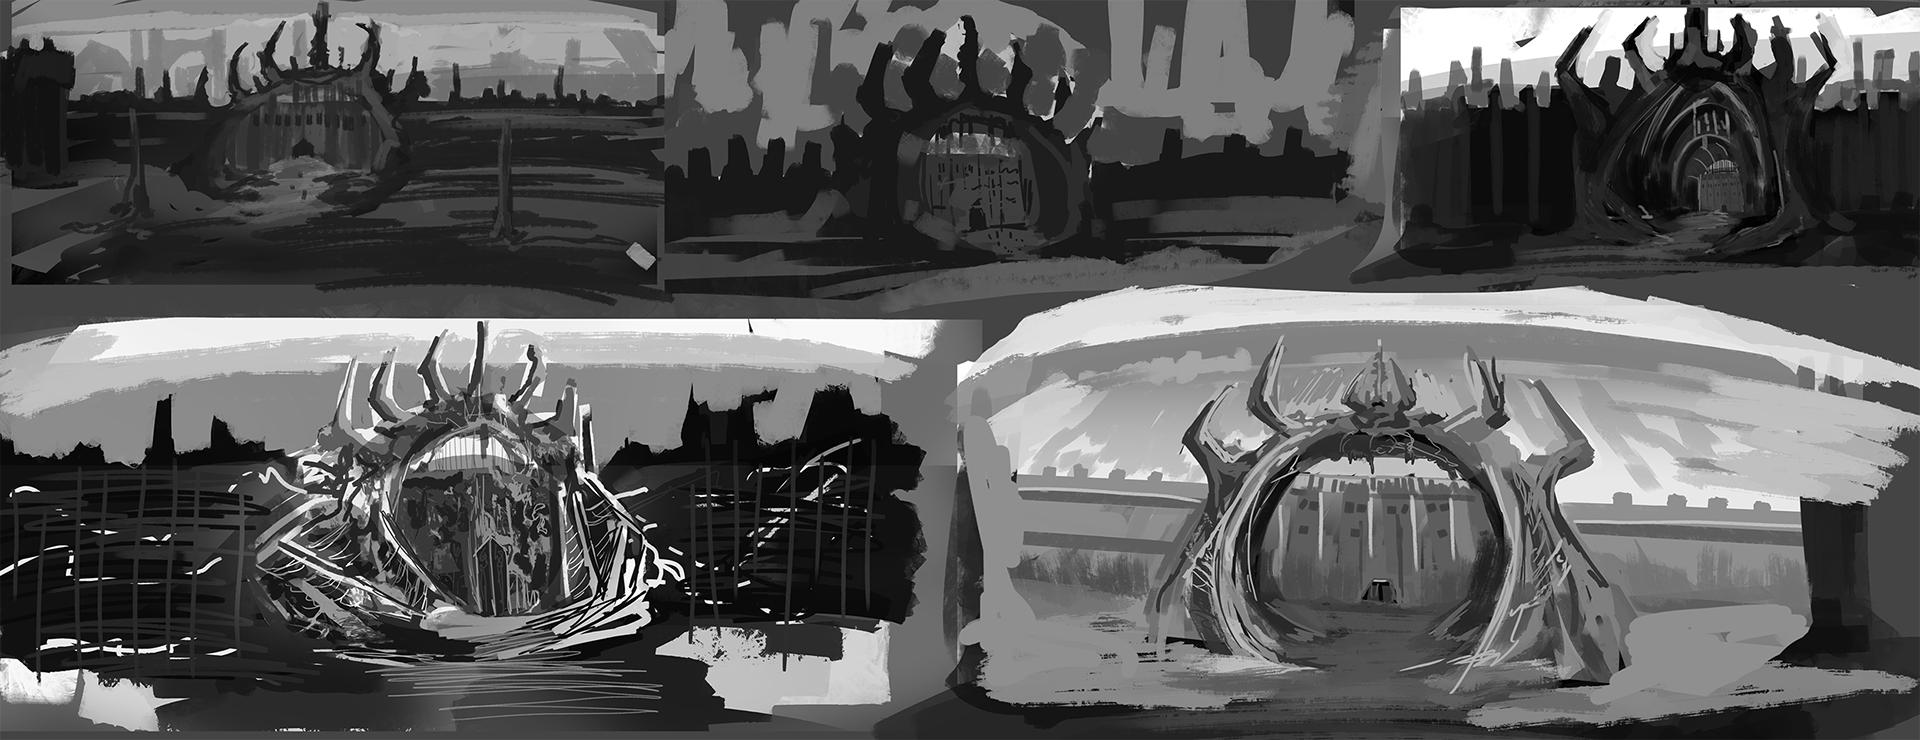 kayla-cline Il Cancello, conceptart inutilizzato per la Enhanced Edition di Planescape: Torment - by Madolin Bee www.kaylacline.com (2017) © Beamdog e dell'autore, tutti i diritti riservati